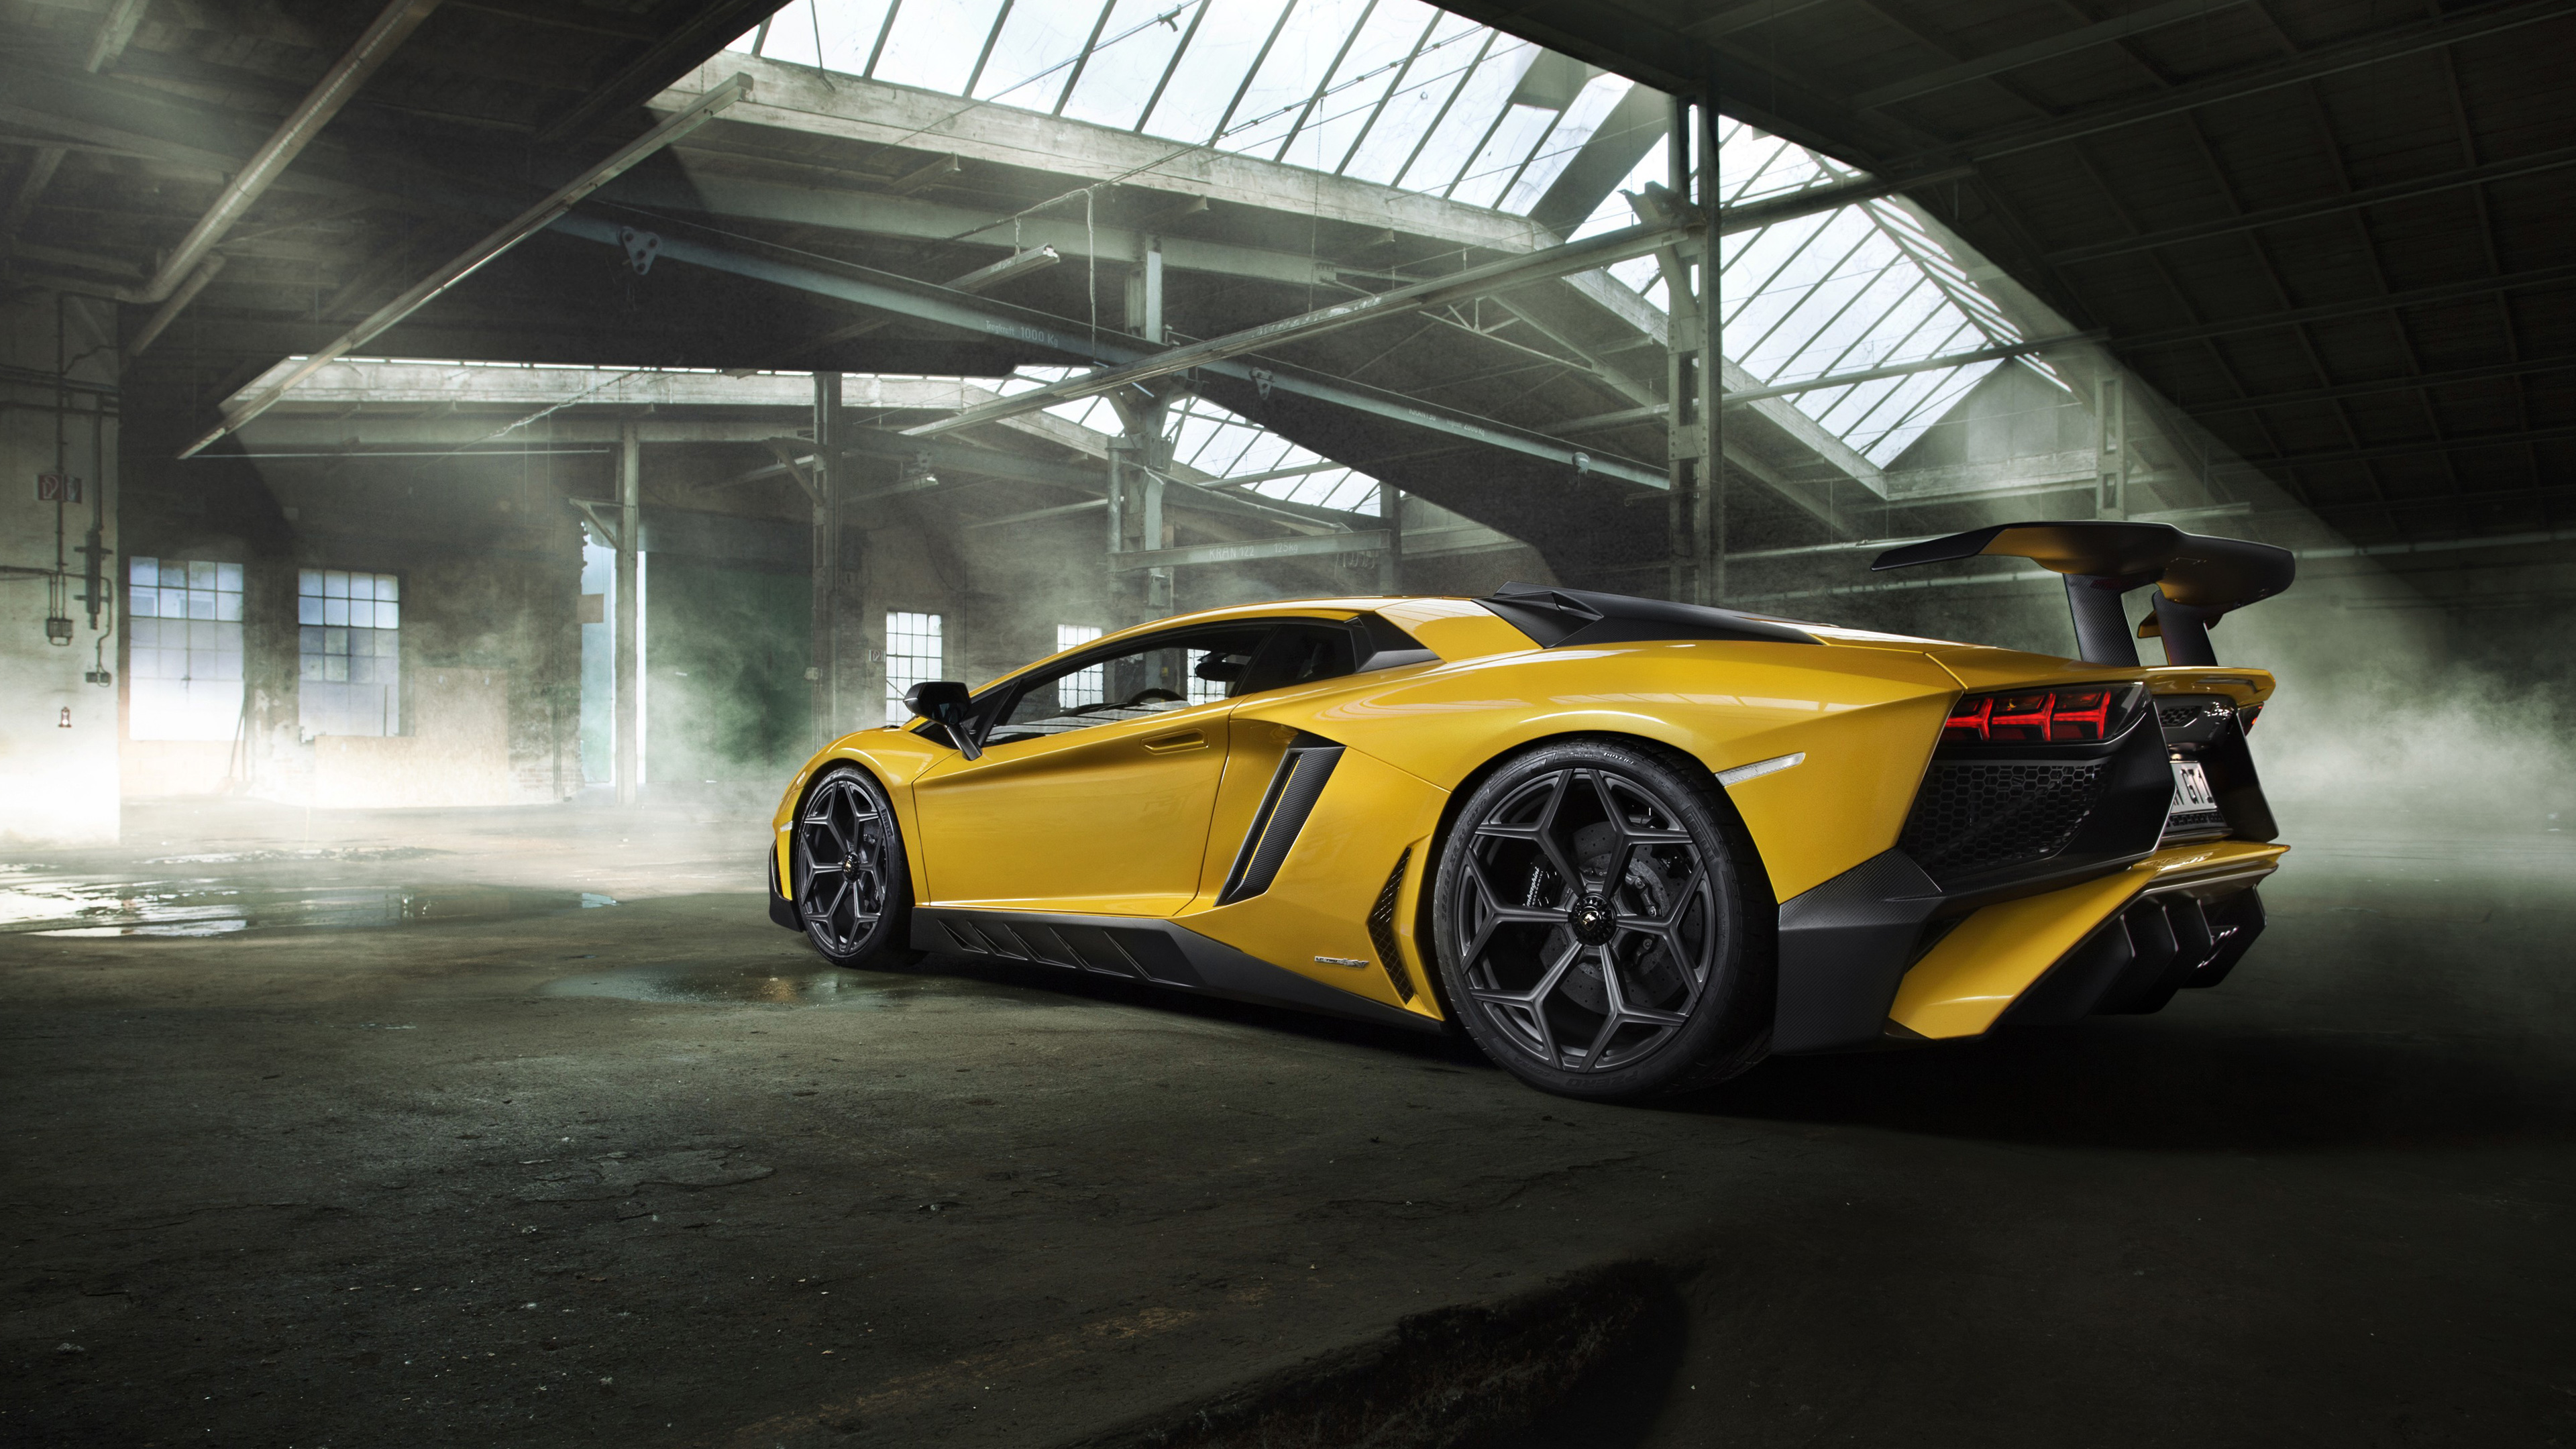 Lamborghini Aventador Green 4k Hd Cars 4k Wallpapers: Lamborghini Aventador Superlove HD, HD Cars, 4k Wallpapers